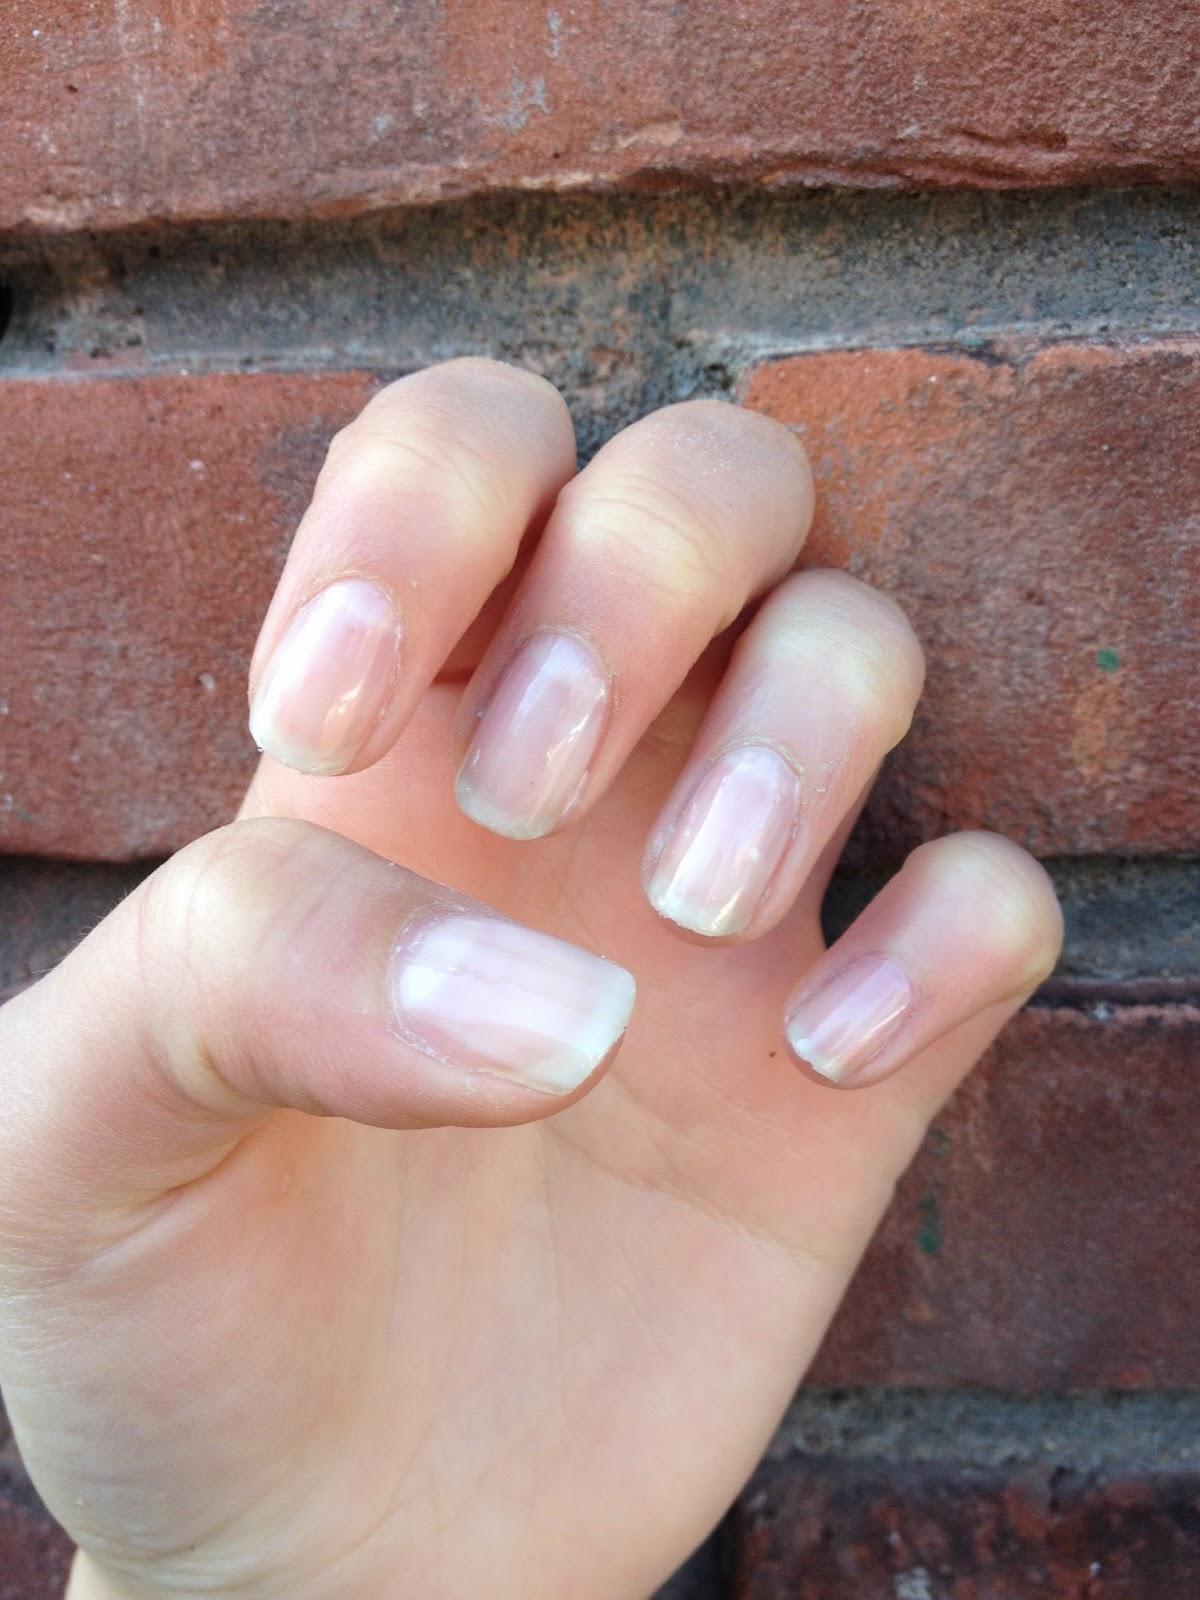 hoe blijft je nagellak langer zitten